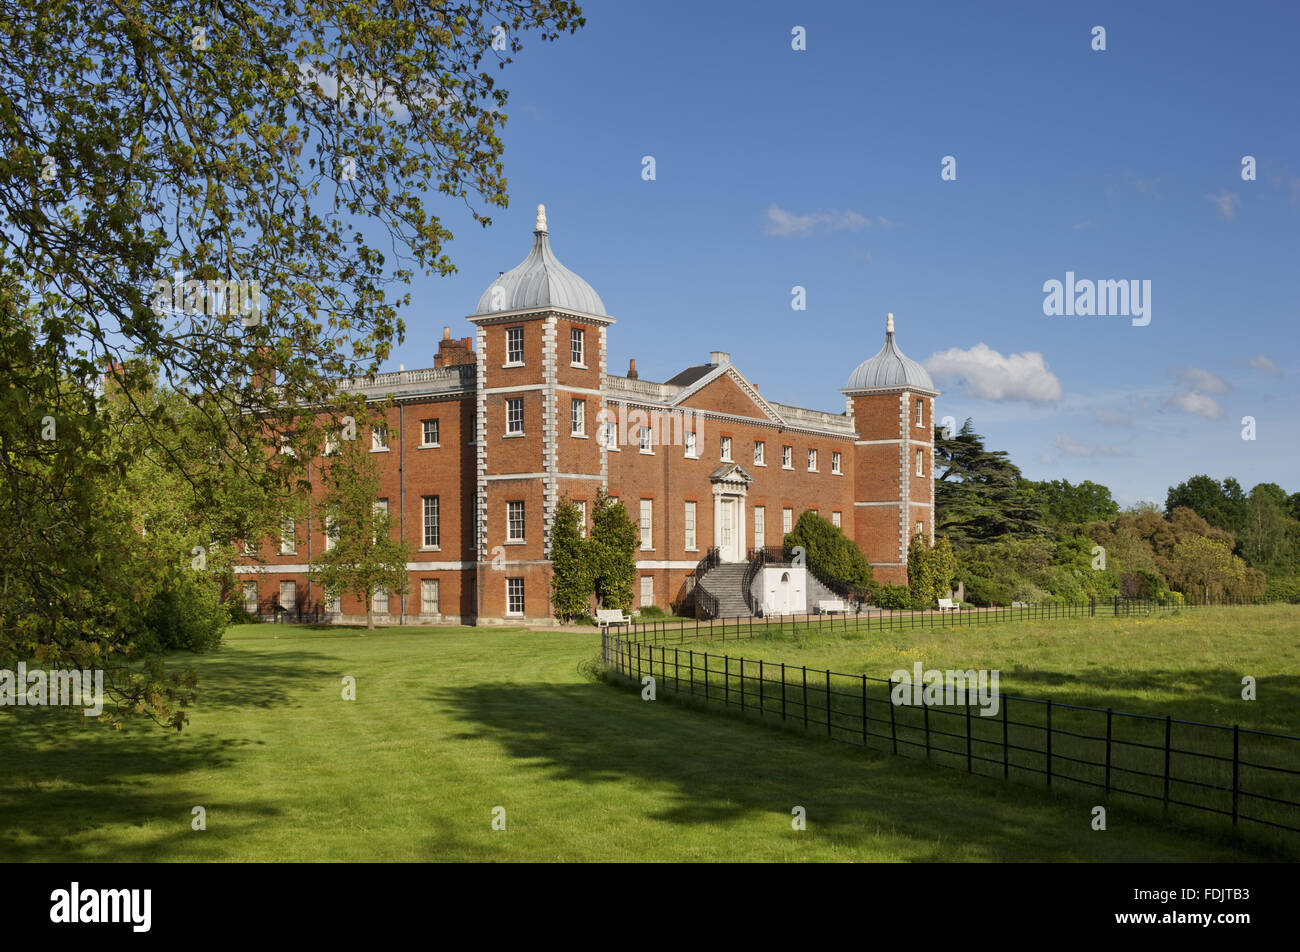 L'ouest ou le jardin avant de la maison avec des escaliers à Osterley, Middlesex. La maison était à l'origine de la période élisabéthaine, et rénové en 1760 - 80 par Robert Adam. Banque D'Images